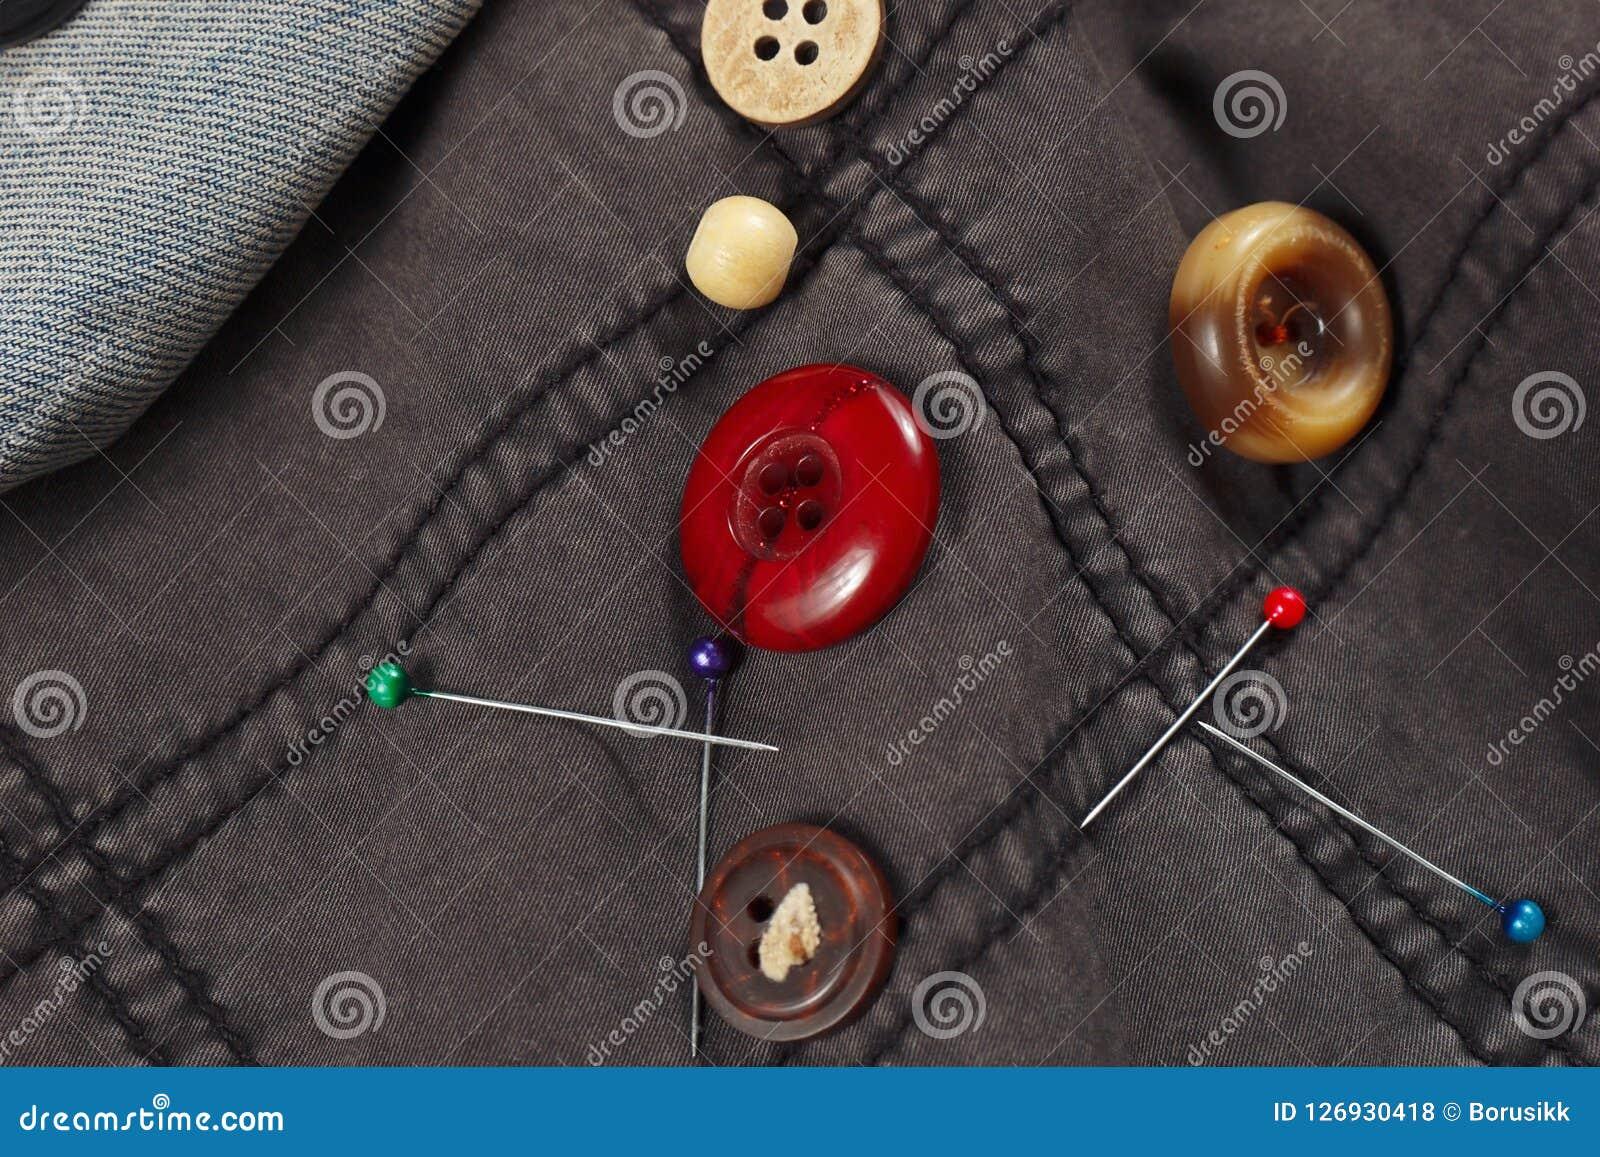 Rocznik zapina i szpilki na czarnej bawełnie i błękitnym drelichowym zbliżeniu